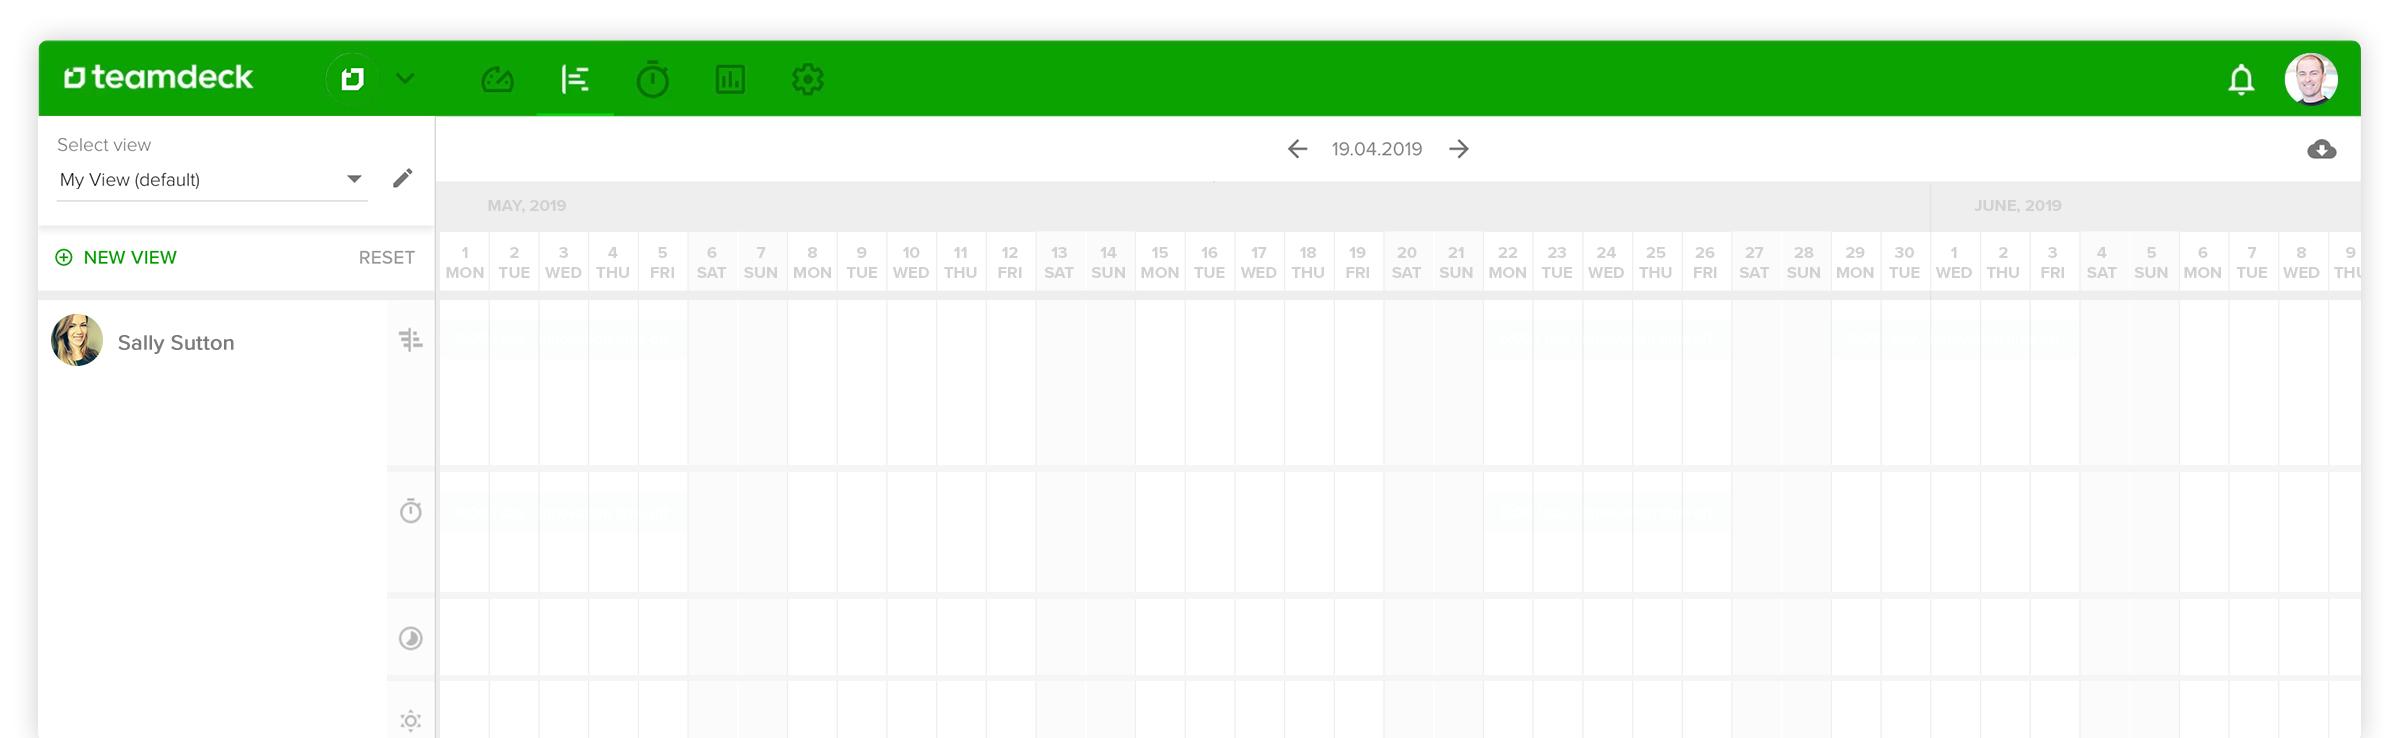 Teamdeck Calendar